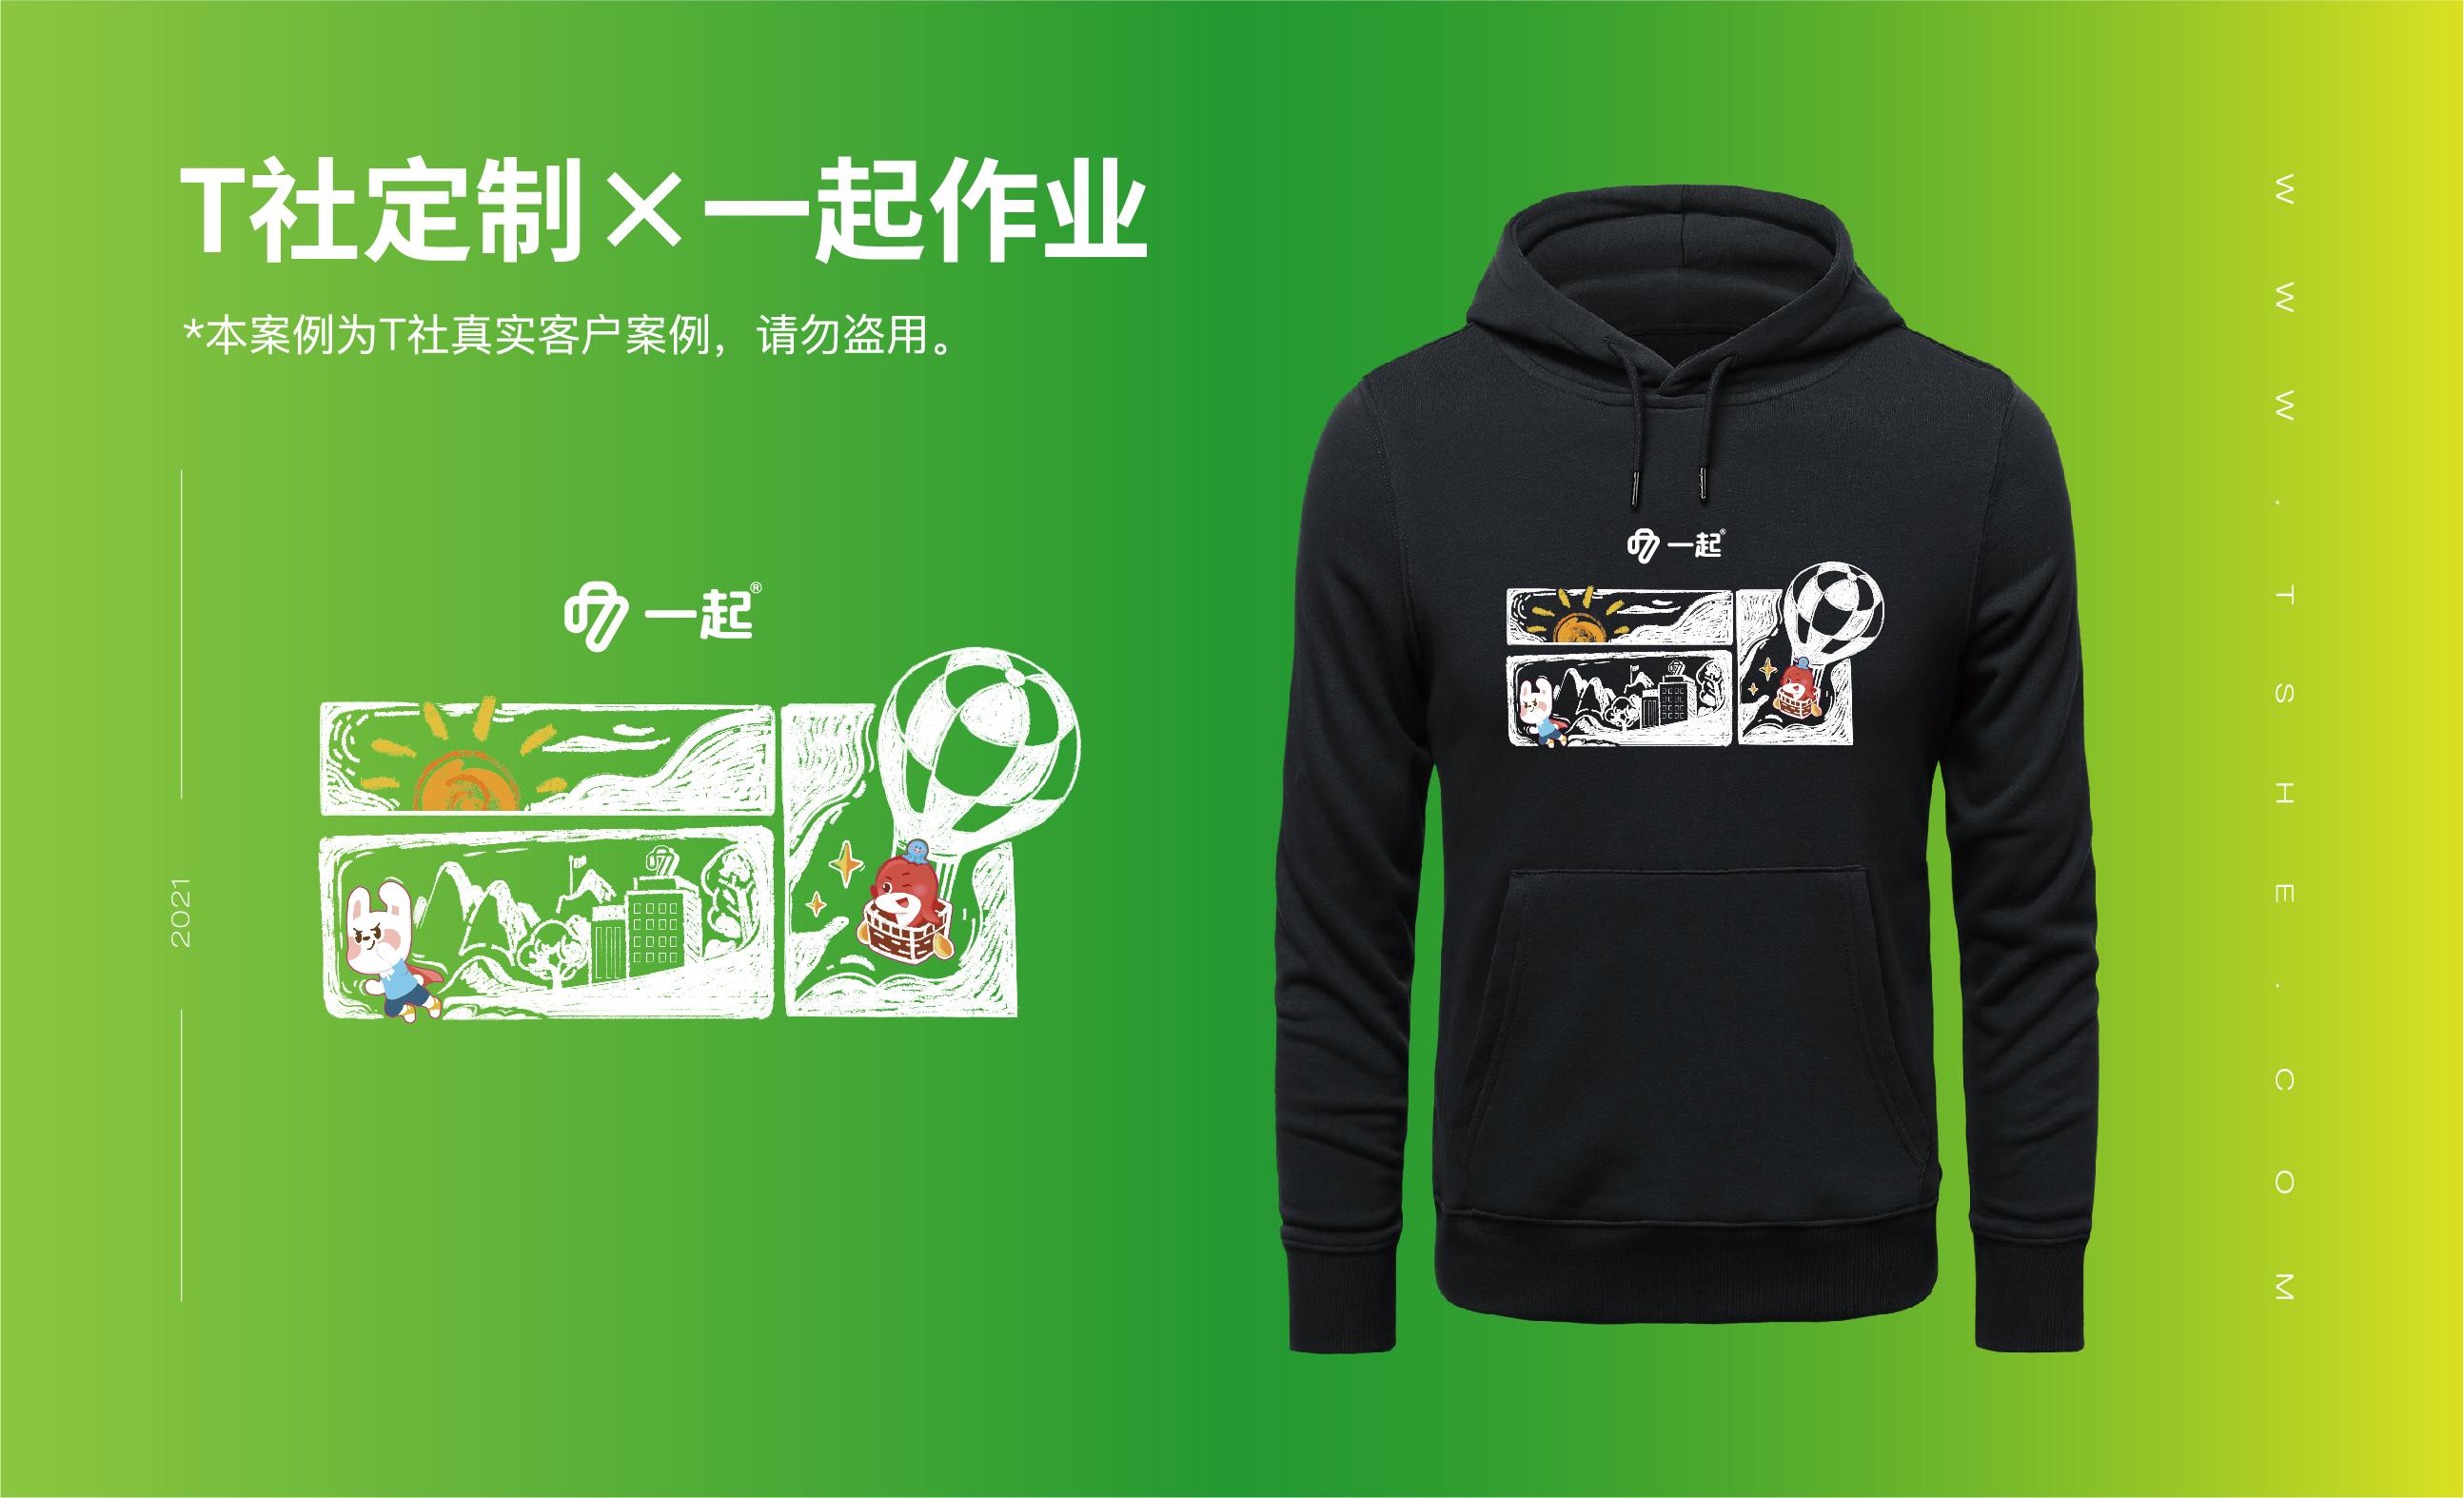 深圳文化衫定制,公司logo一般放在什么位置